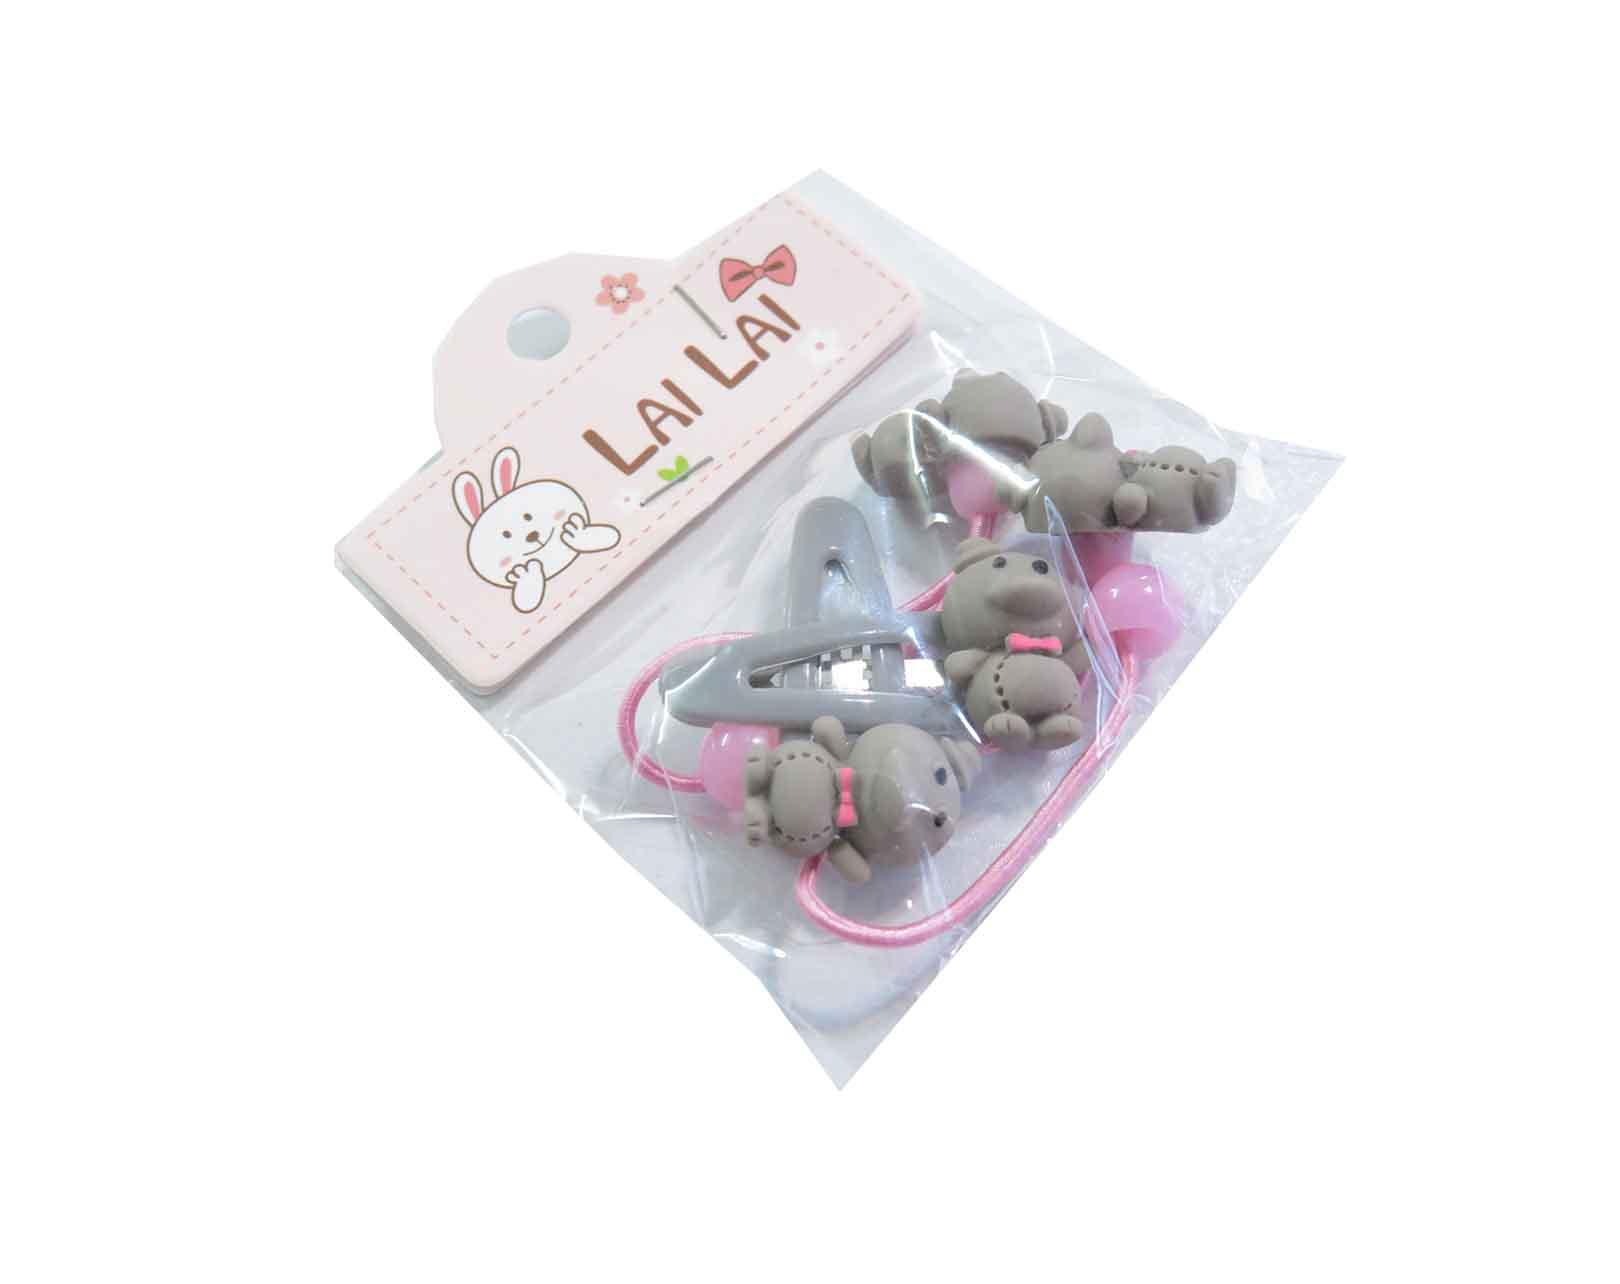 lai-lai-children-clip-hair-tie-band